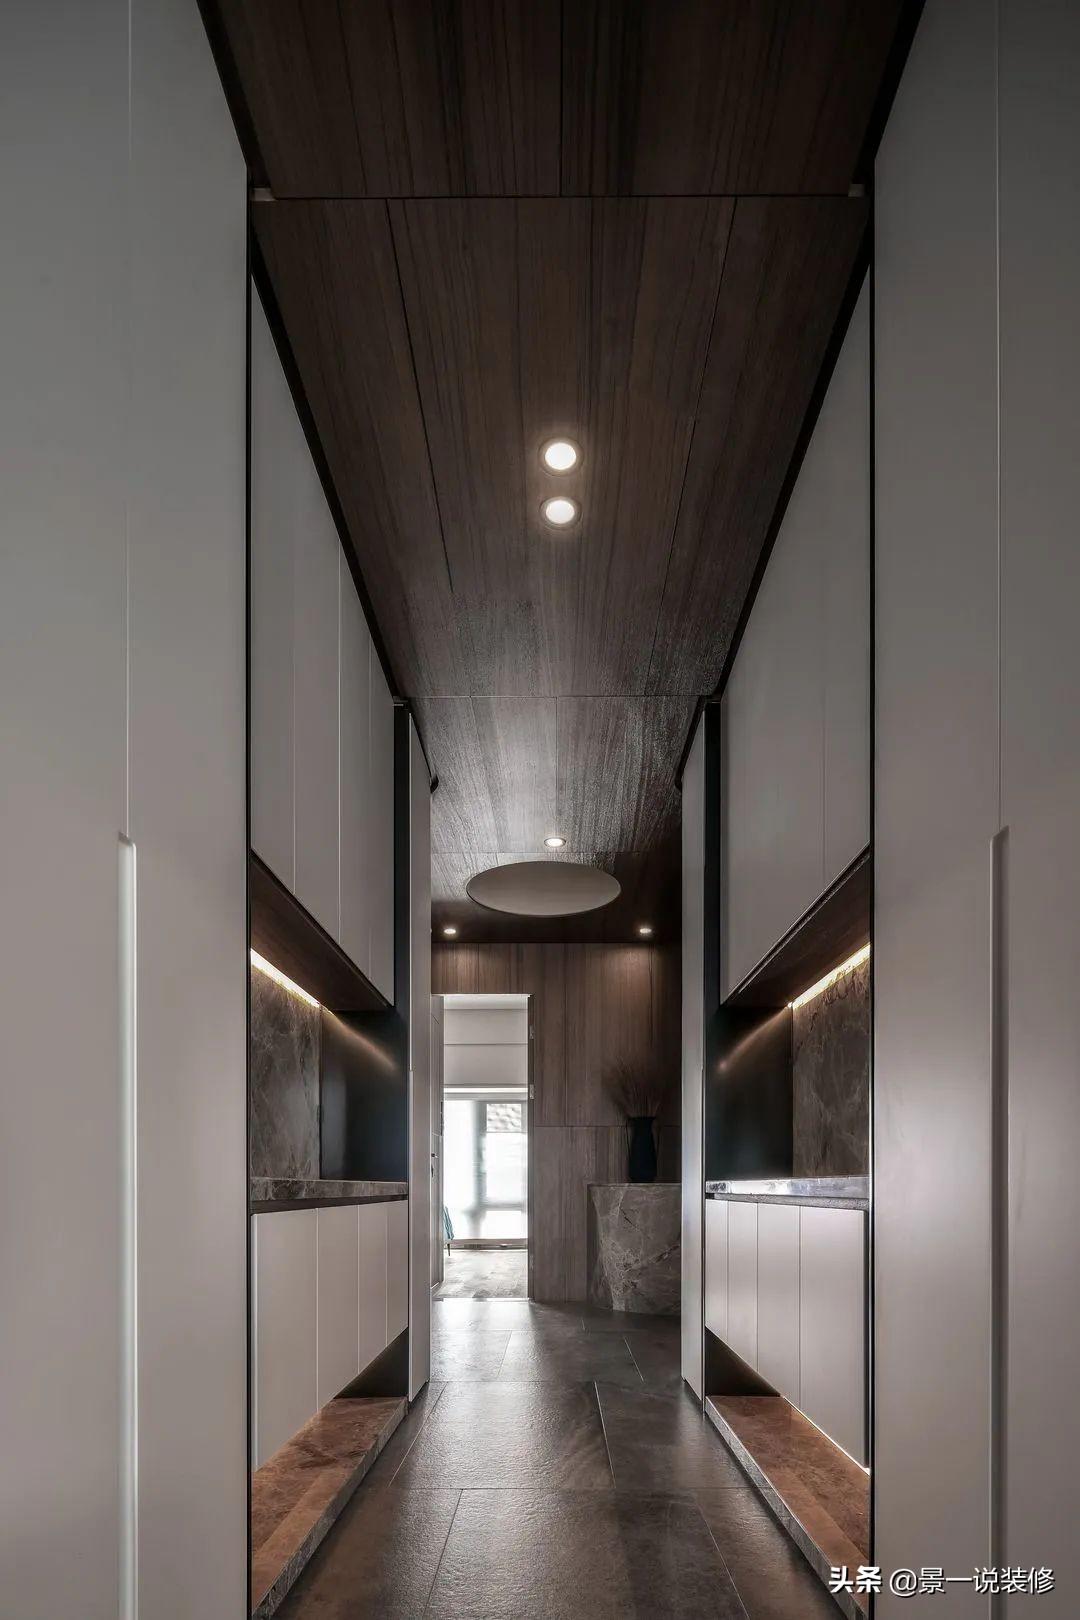 深圳180㎡大宅,每平方装修费一万,石材与木作工业风,够高级